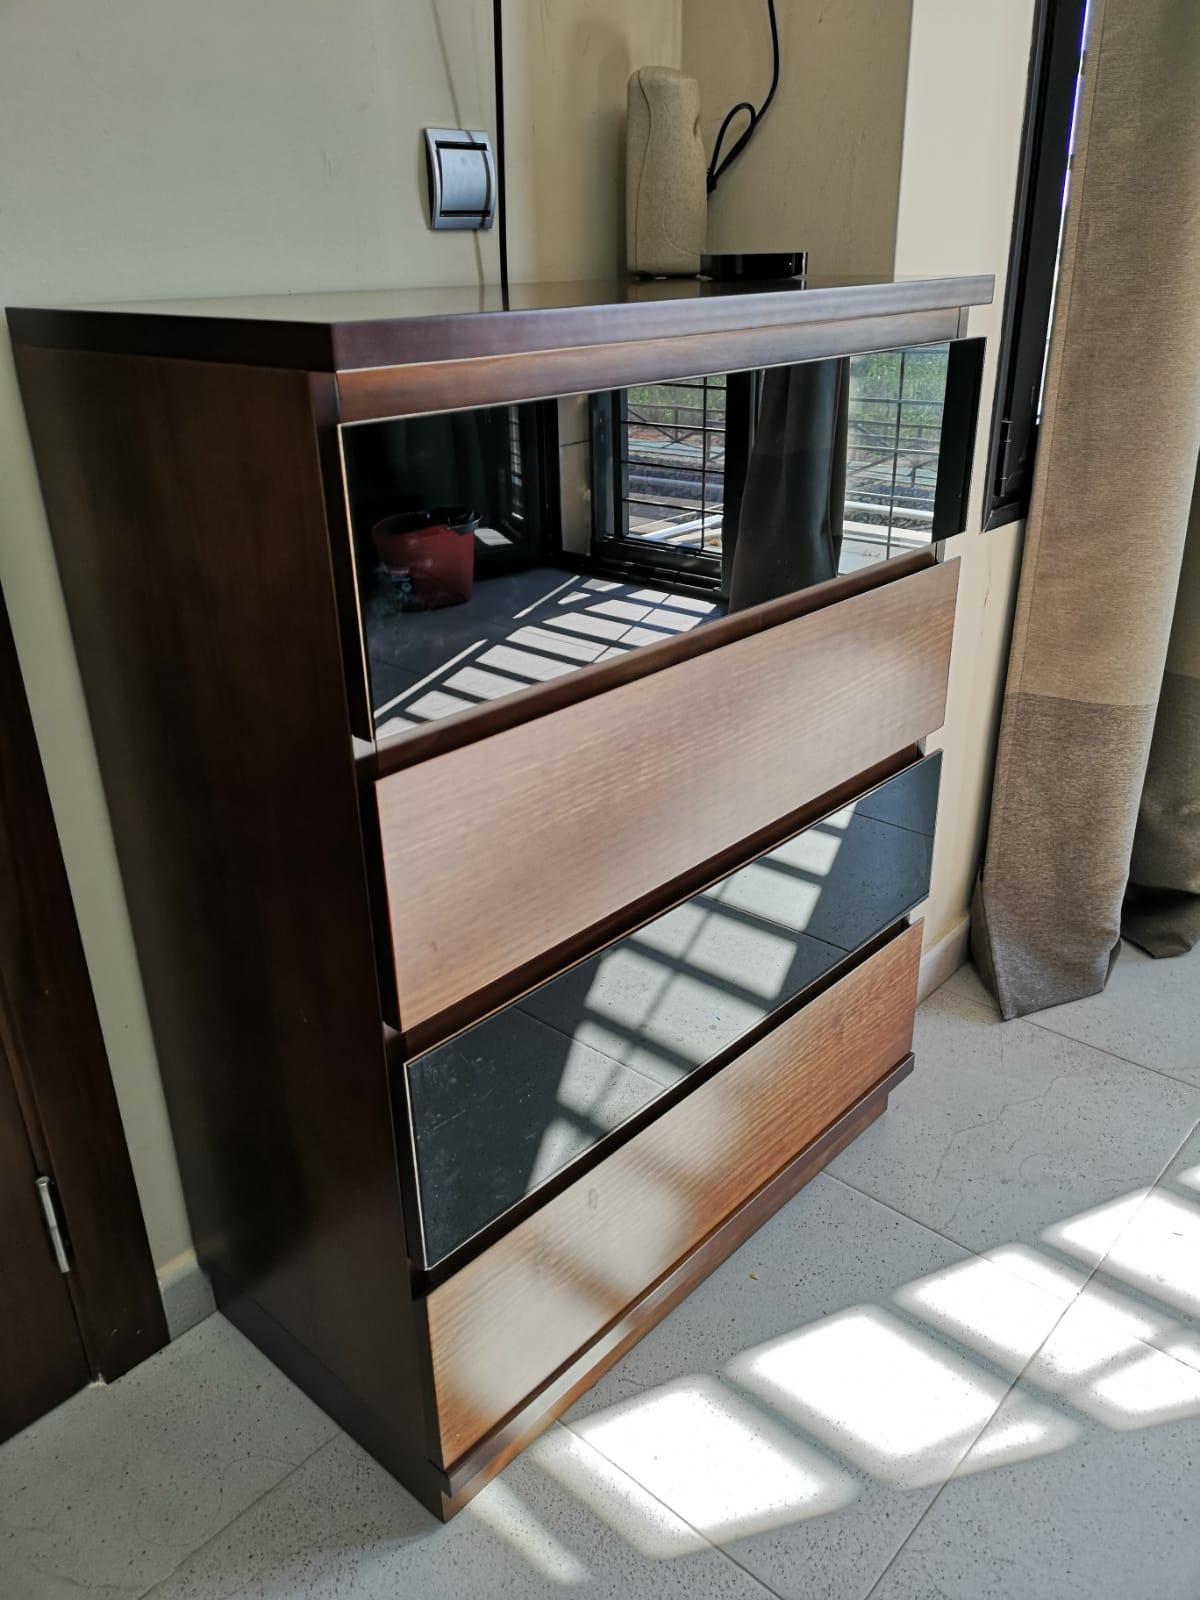 Habitación con extra de almacenaje: cajones ocultos bajo la cama